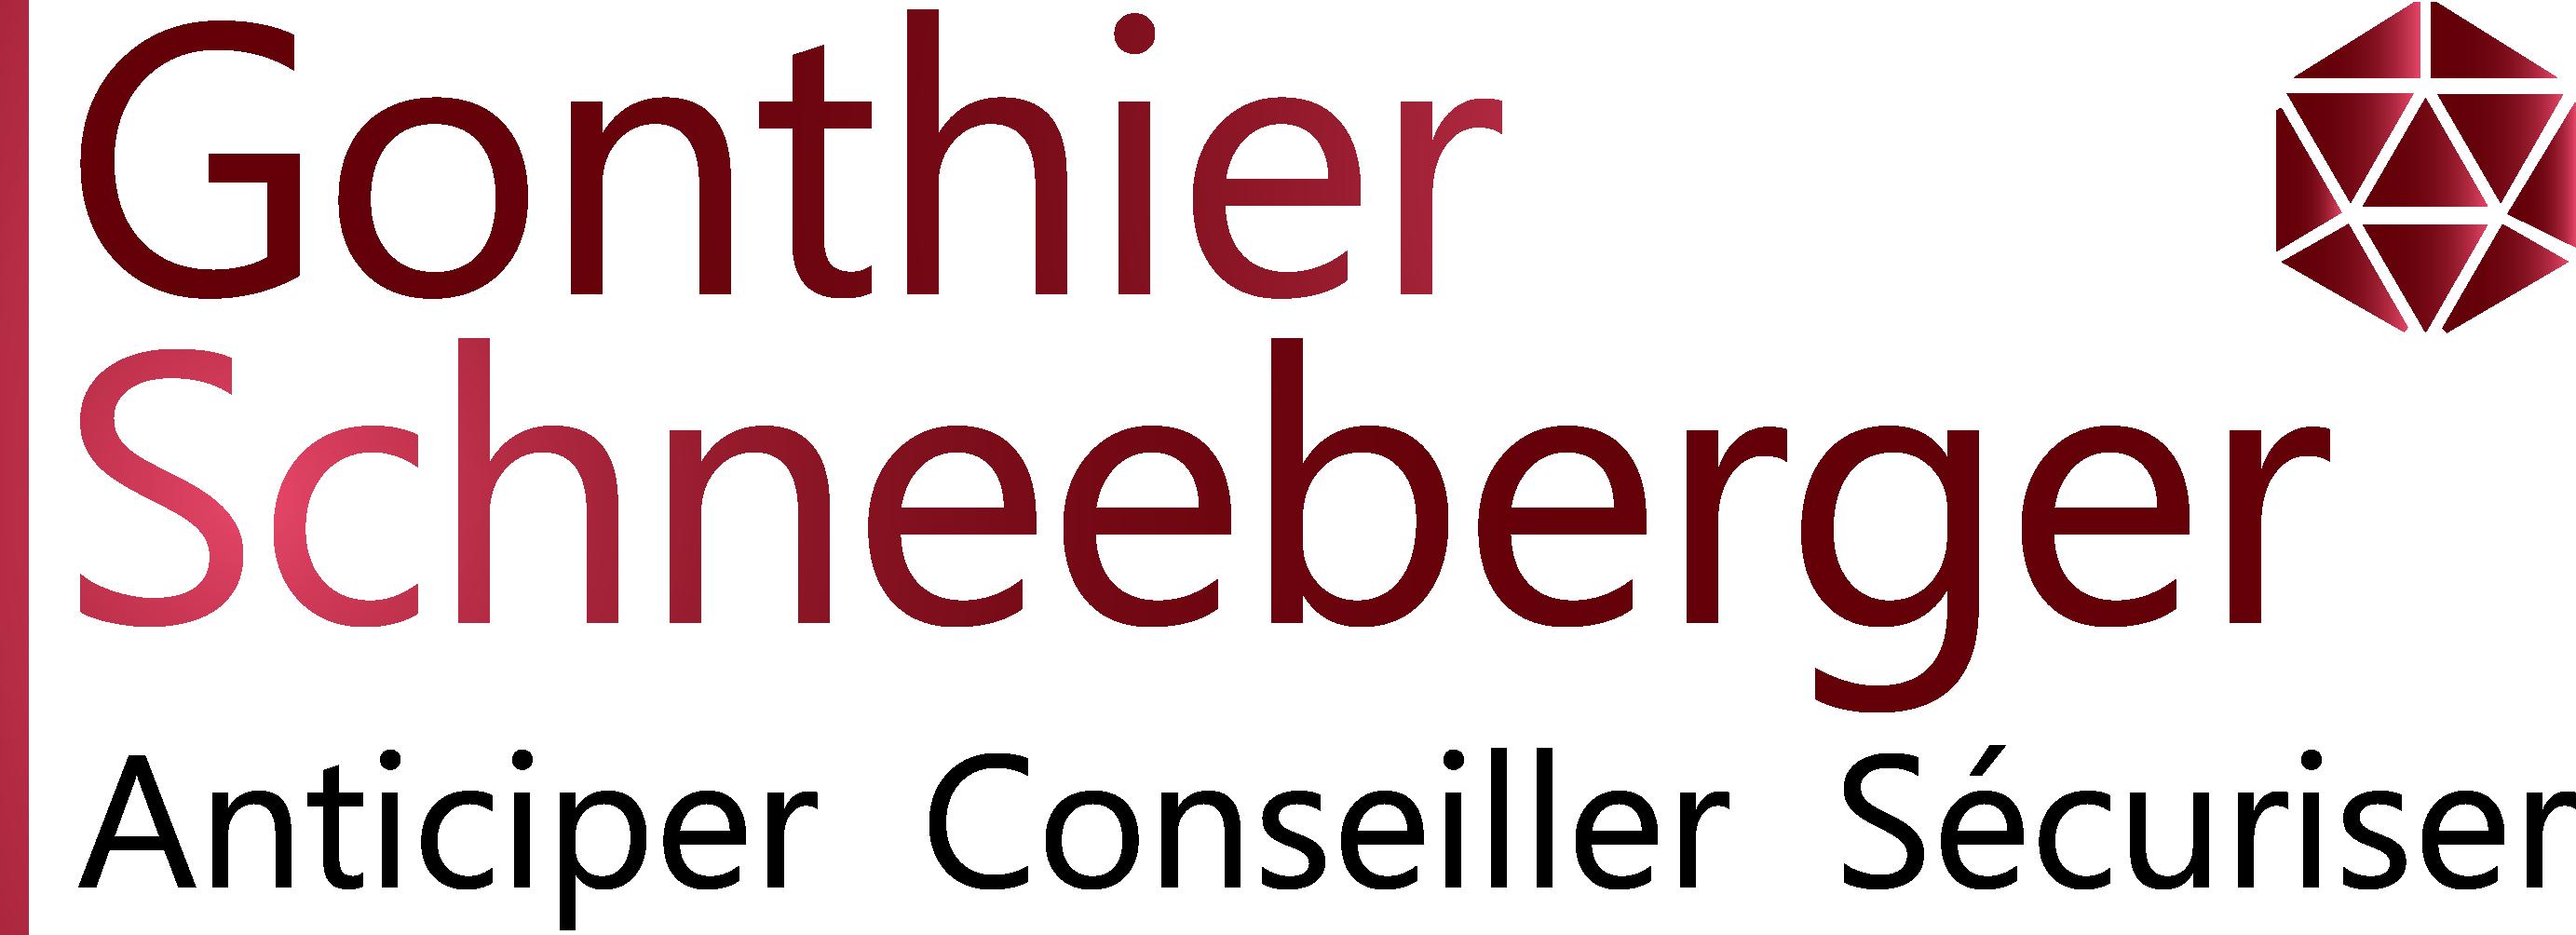 gonthier-schneeberger